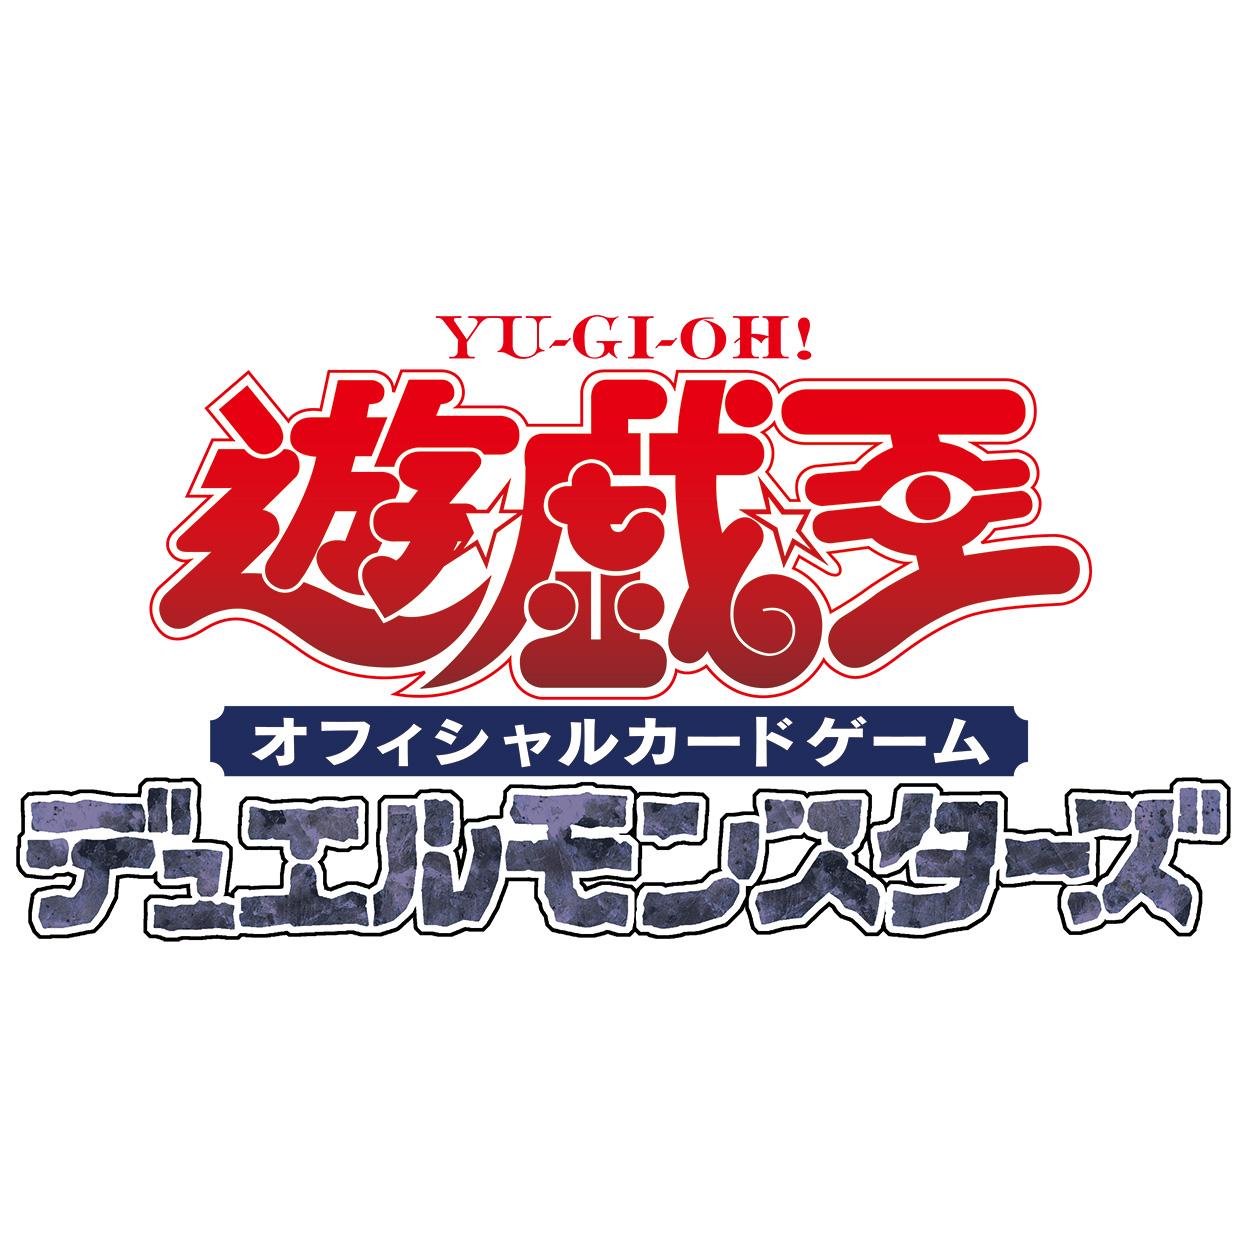 遊戯王OCG デュエルモンスターズ『STRUCTURE DECK R - ドラグニティ・ドライブ -』トレカ-001